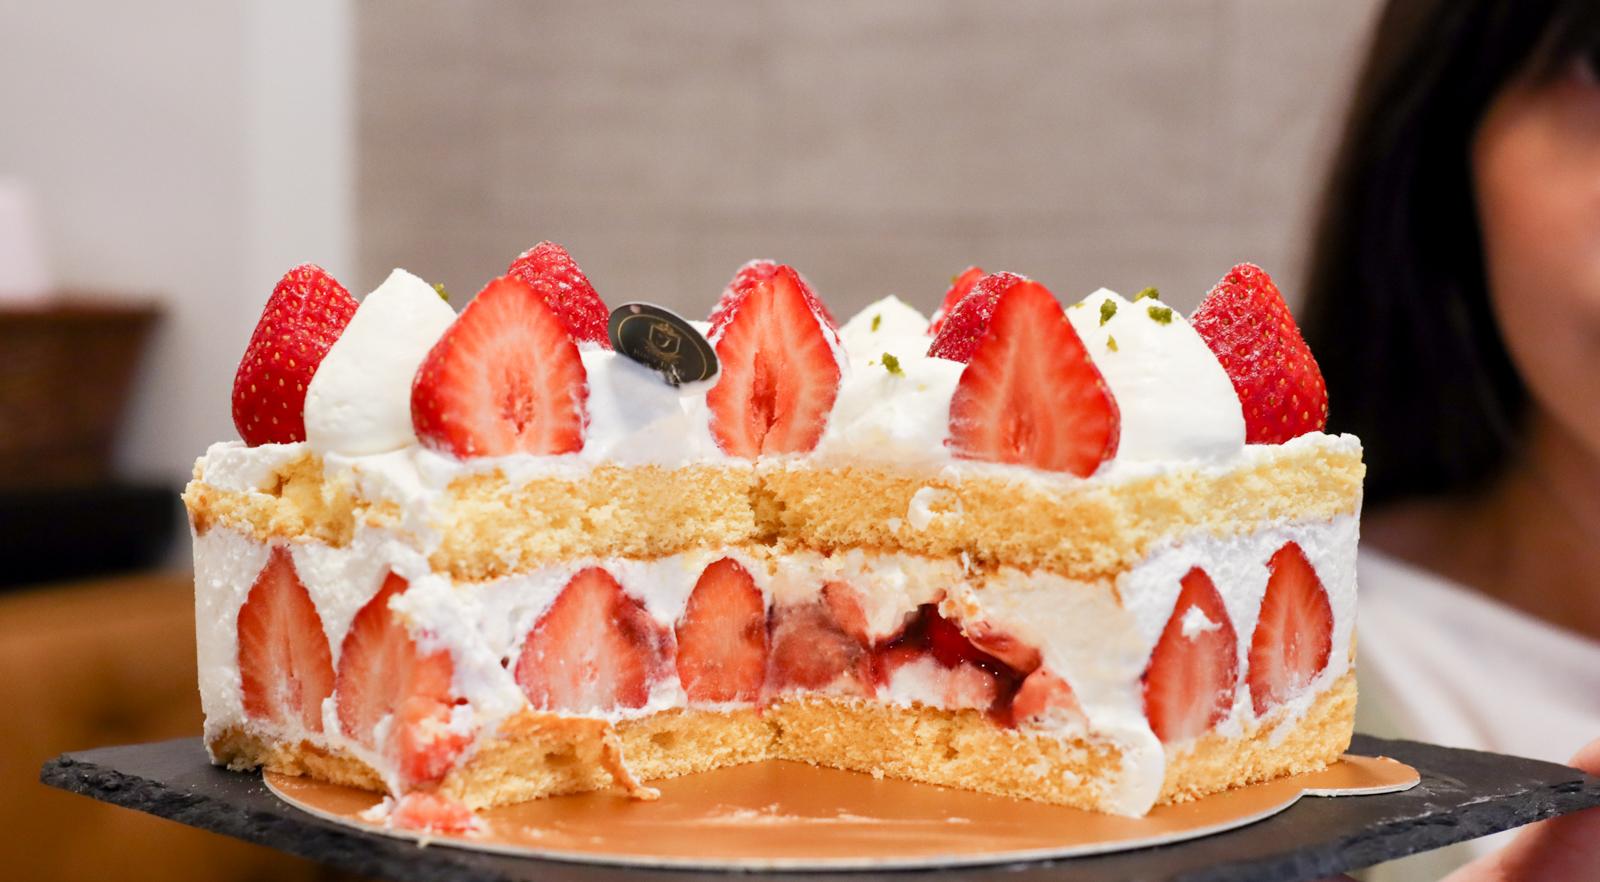 【板橋甜點推薦】Juicy Jewel 就是這 板橋最狂草莓甜點店  北海道四葉牛奶不手軟用超多